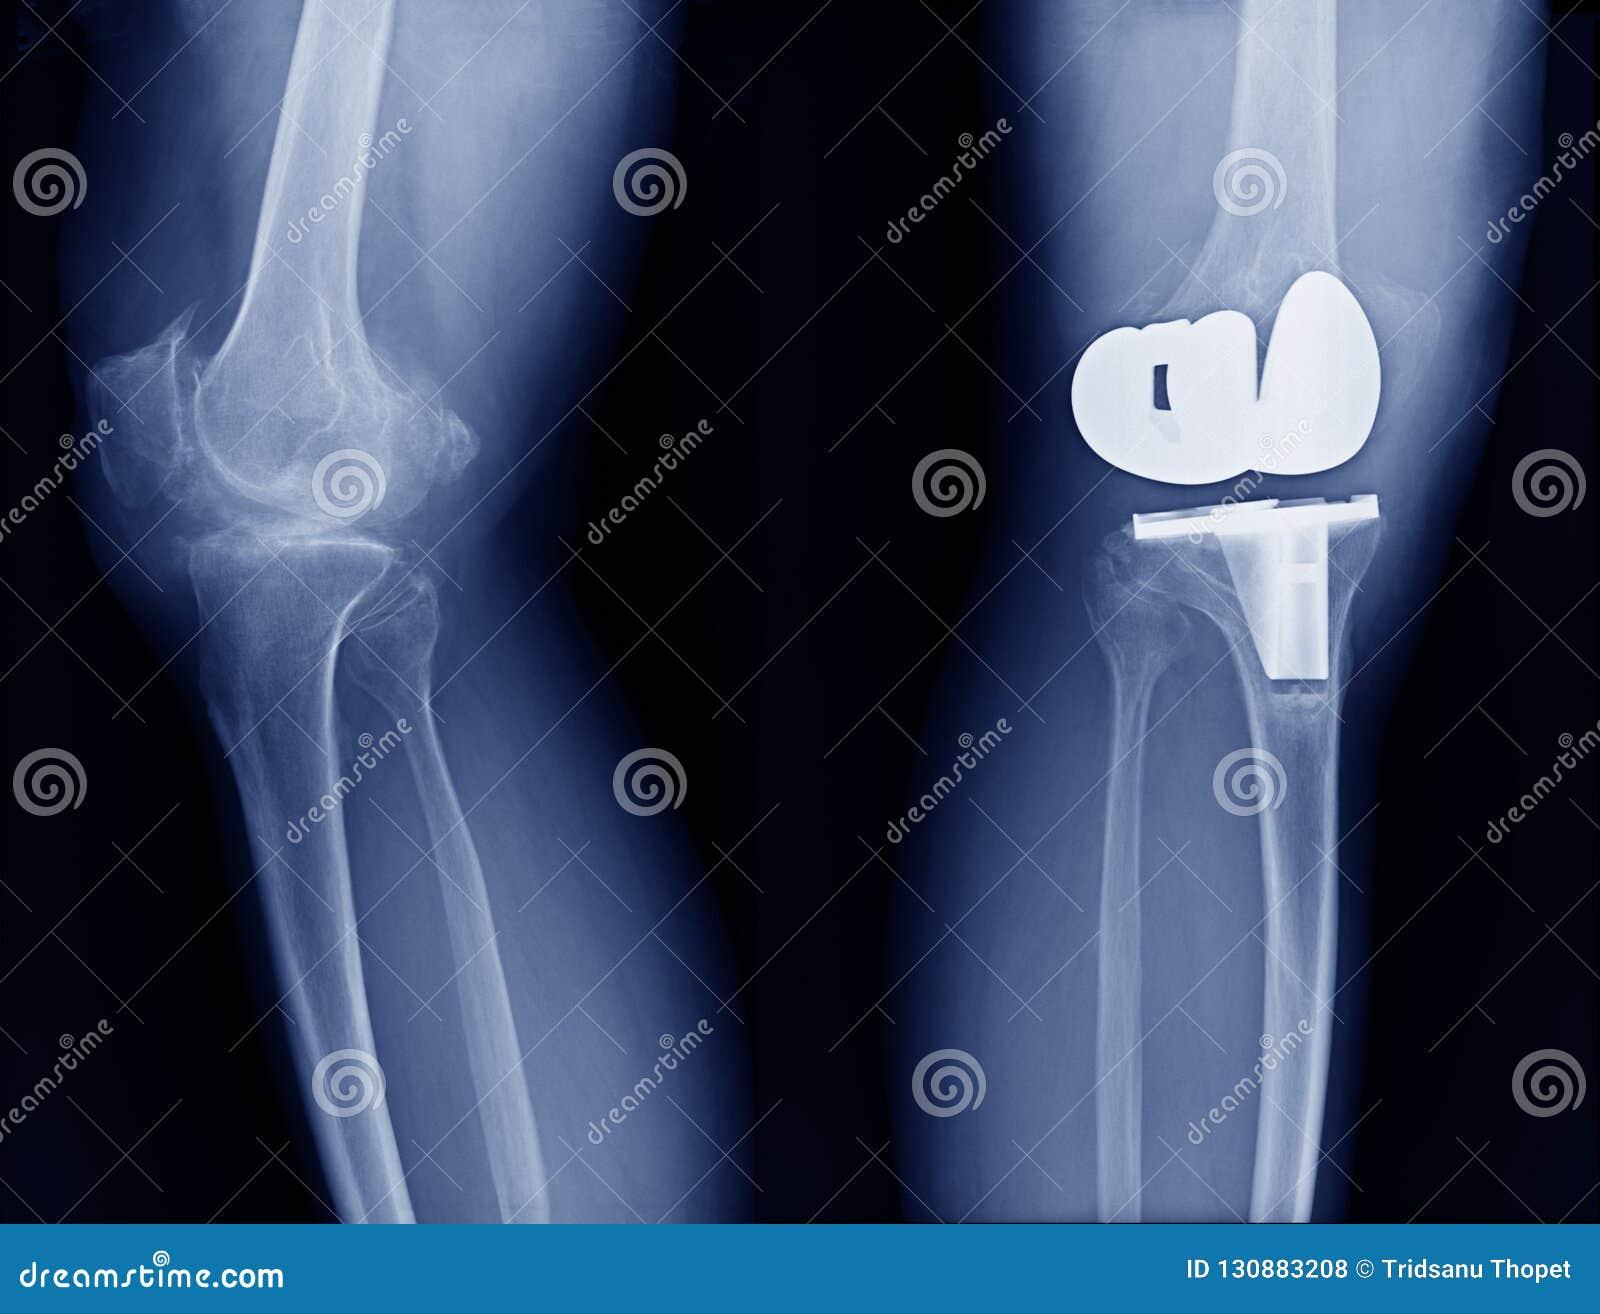 Рентгеновский снимок высоты качественный с заменой соединения колена